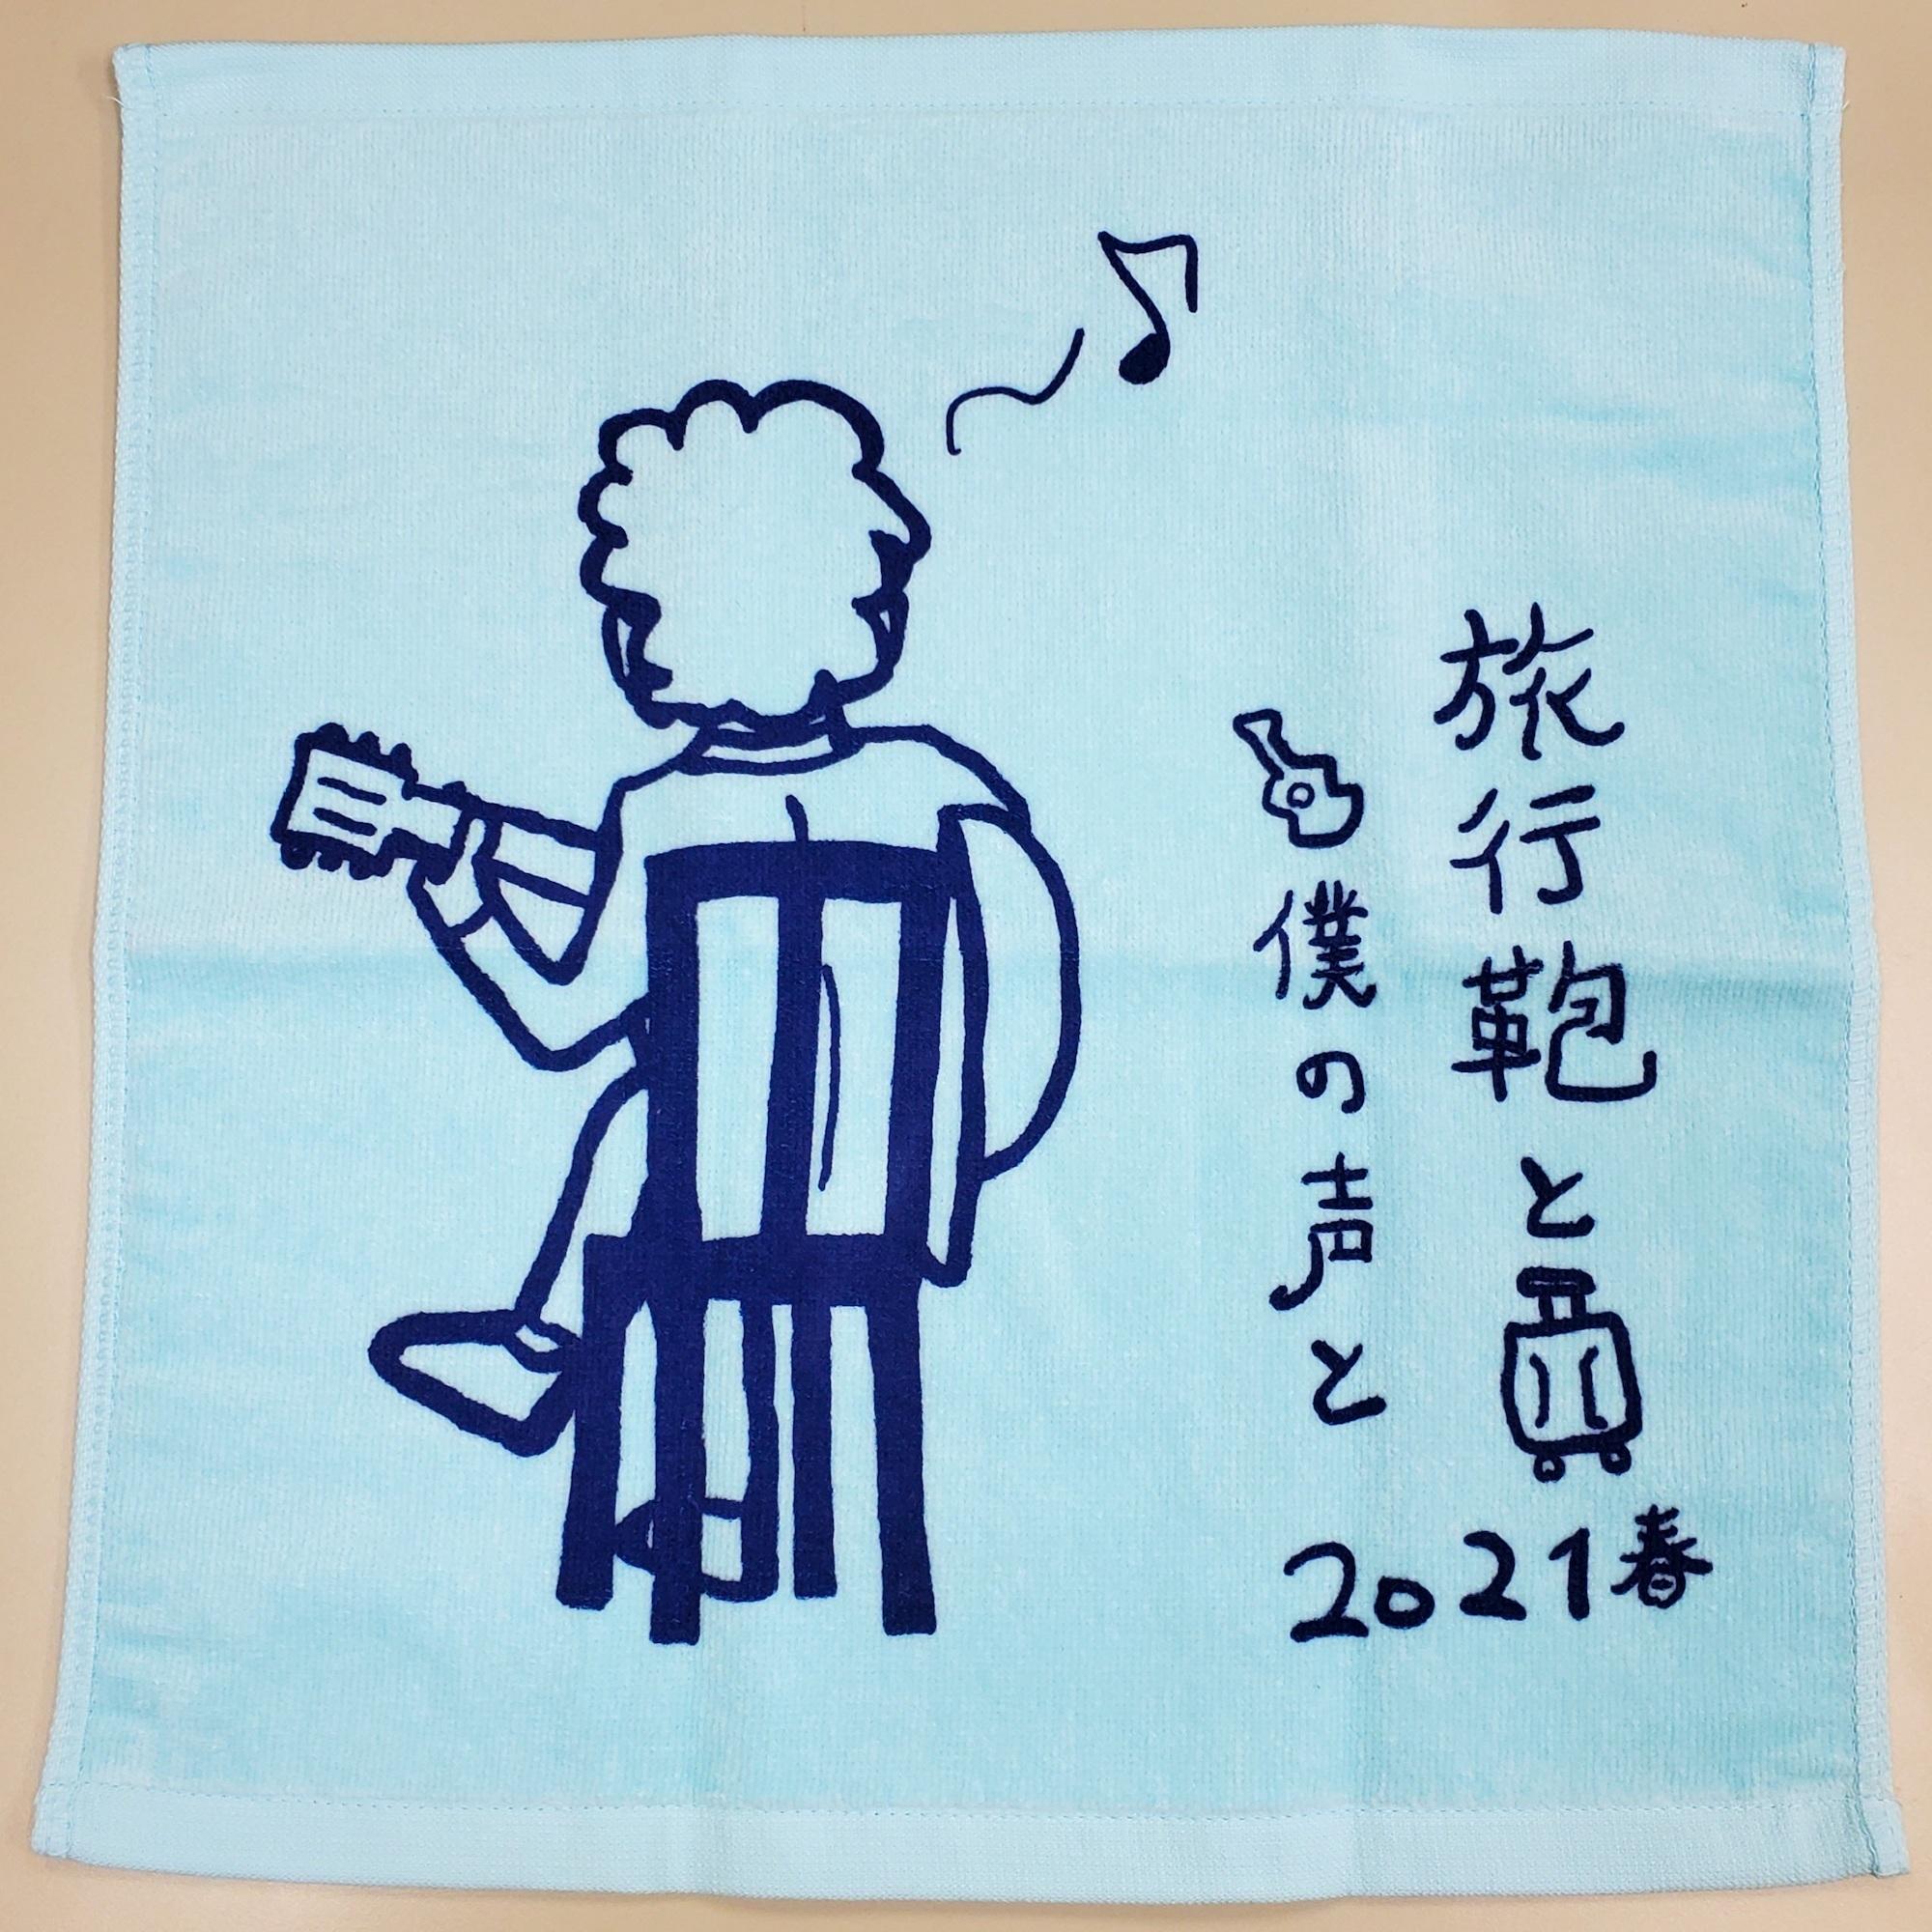 旅行鞄と僕の声と2021 ハンドタオル